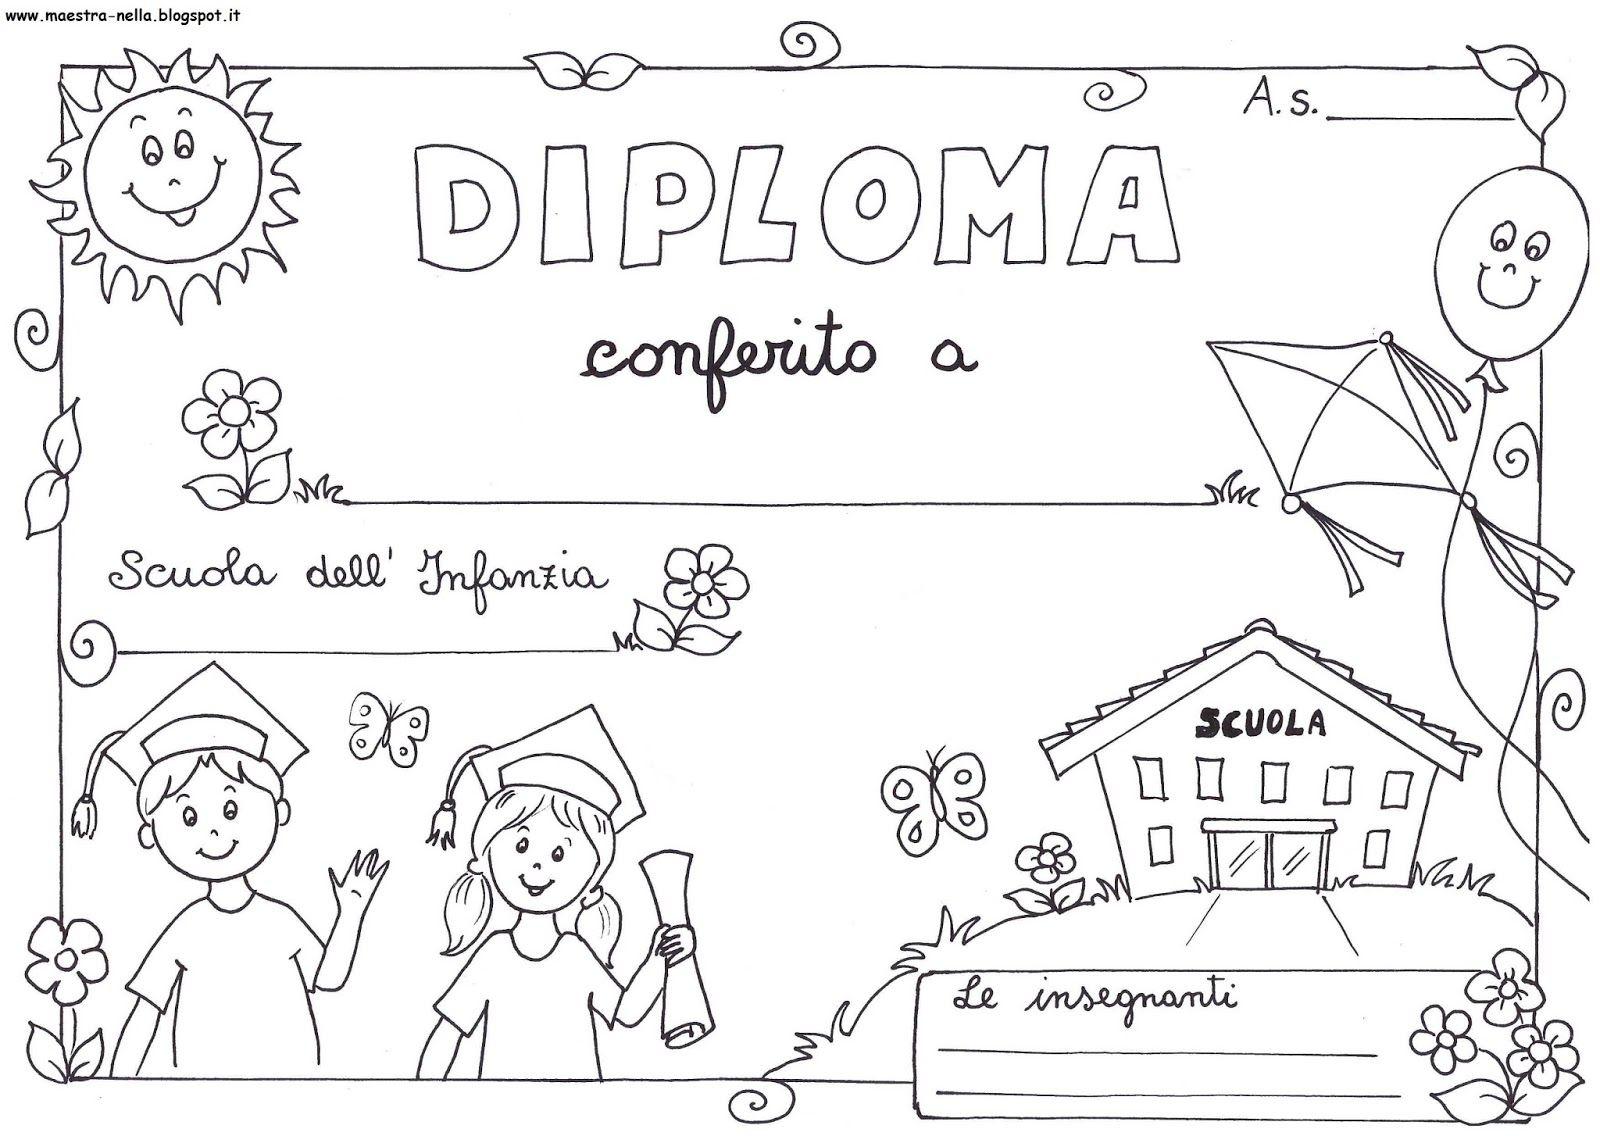 Maestra Nella Diplomi Bambini